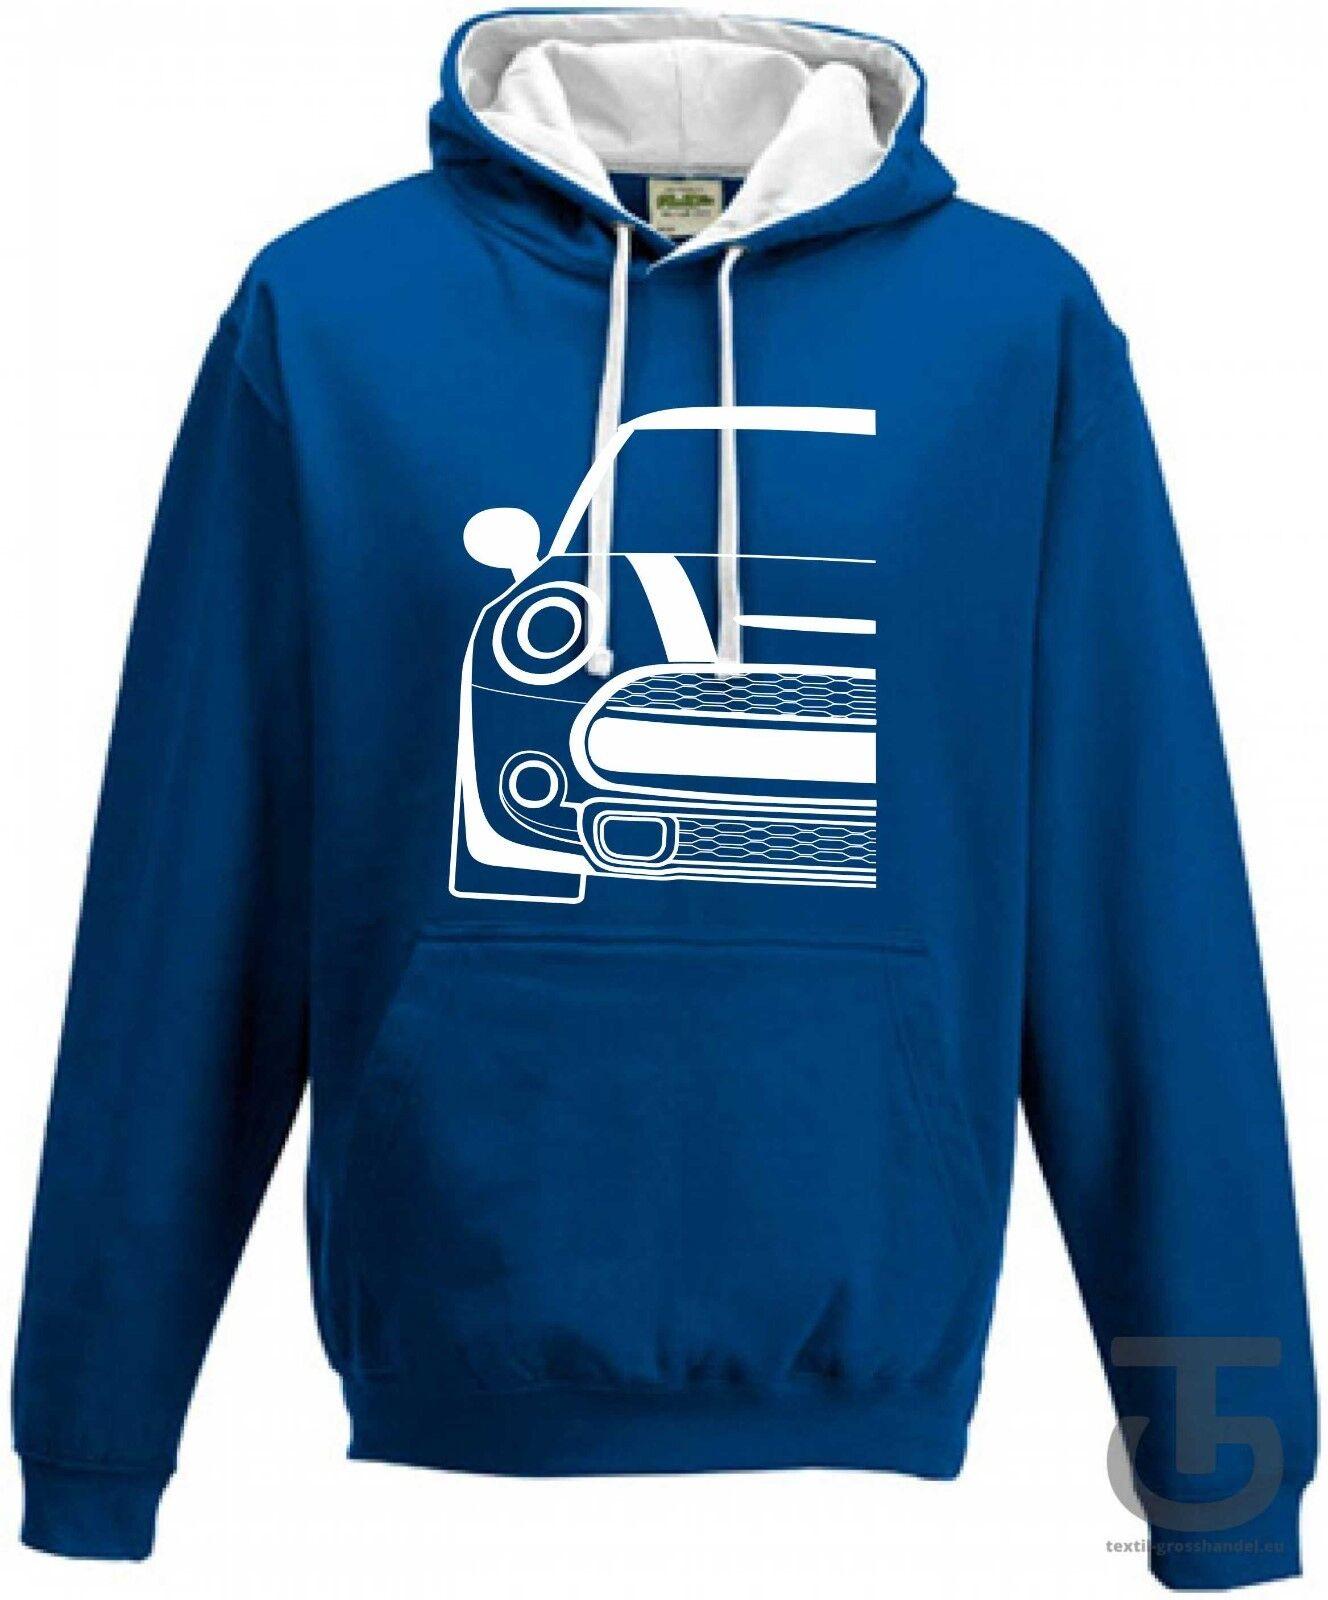 Mini Cooper S S S Hoodie Pullover 17a4e1